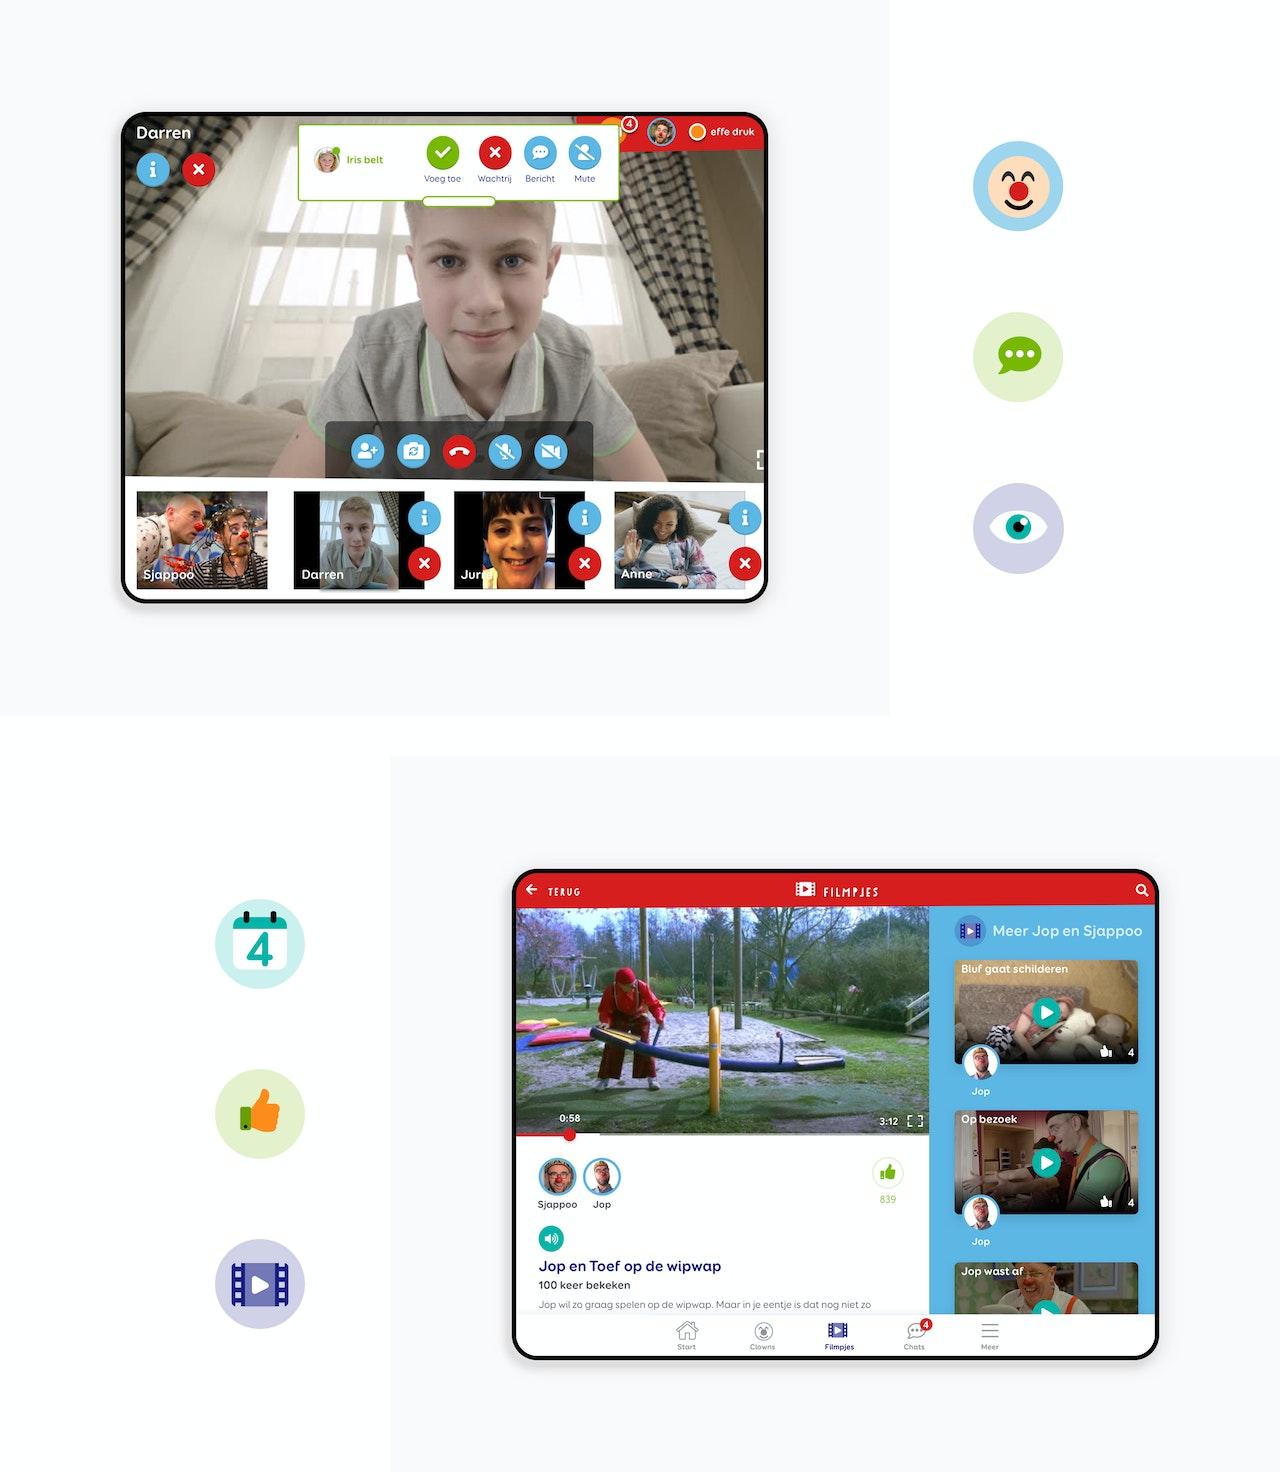 Twee iPad schermen. Een toont de belfunctie van de CliniClowns app. Een scherm toont de filmpjes functie van de app. Om de schermen heen staan 6 illustratieve iconen voor: clown, chat, bekijk, agenda, duimpje en film.